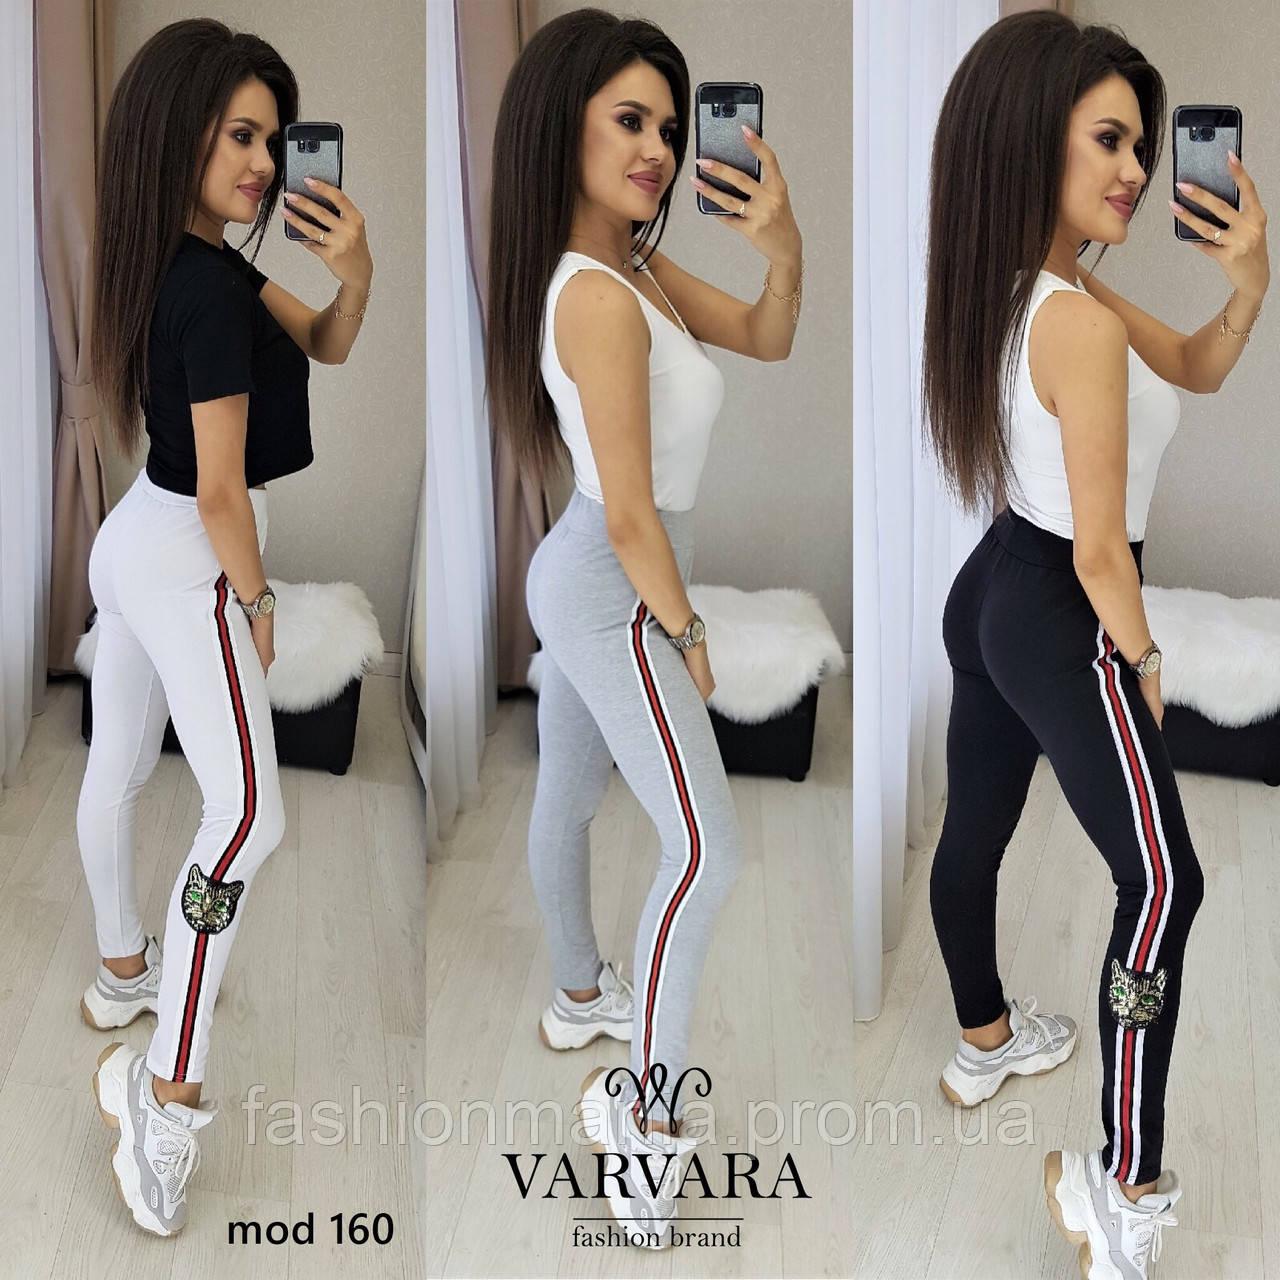 Спортивные штаны серые, белые, чёрные